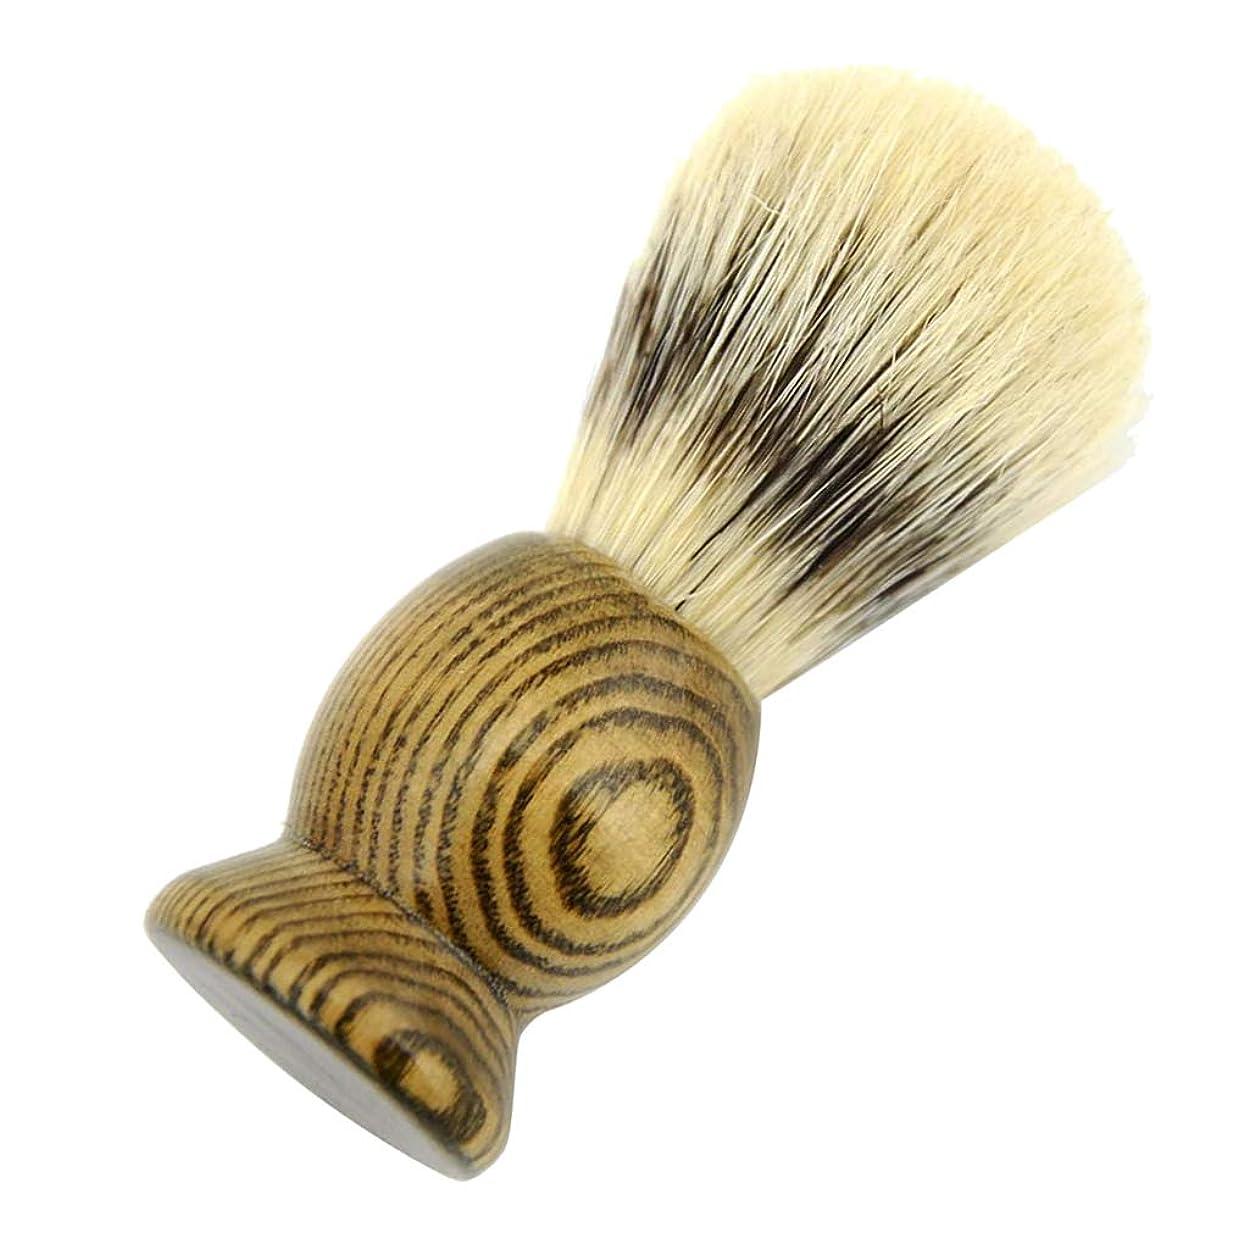 短くする更新するディレクトリchiwanji メンズ用 シェービング用ブラシ 理容 洗顔 髭剃り 泡立ち サロン 家庭用 ボックス付き